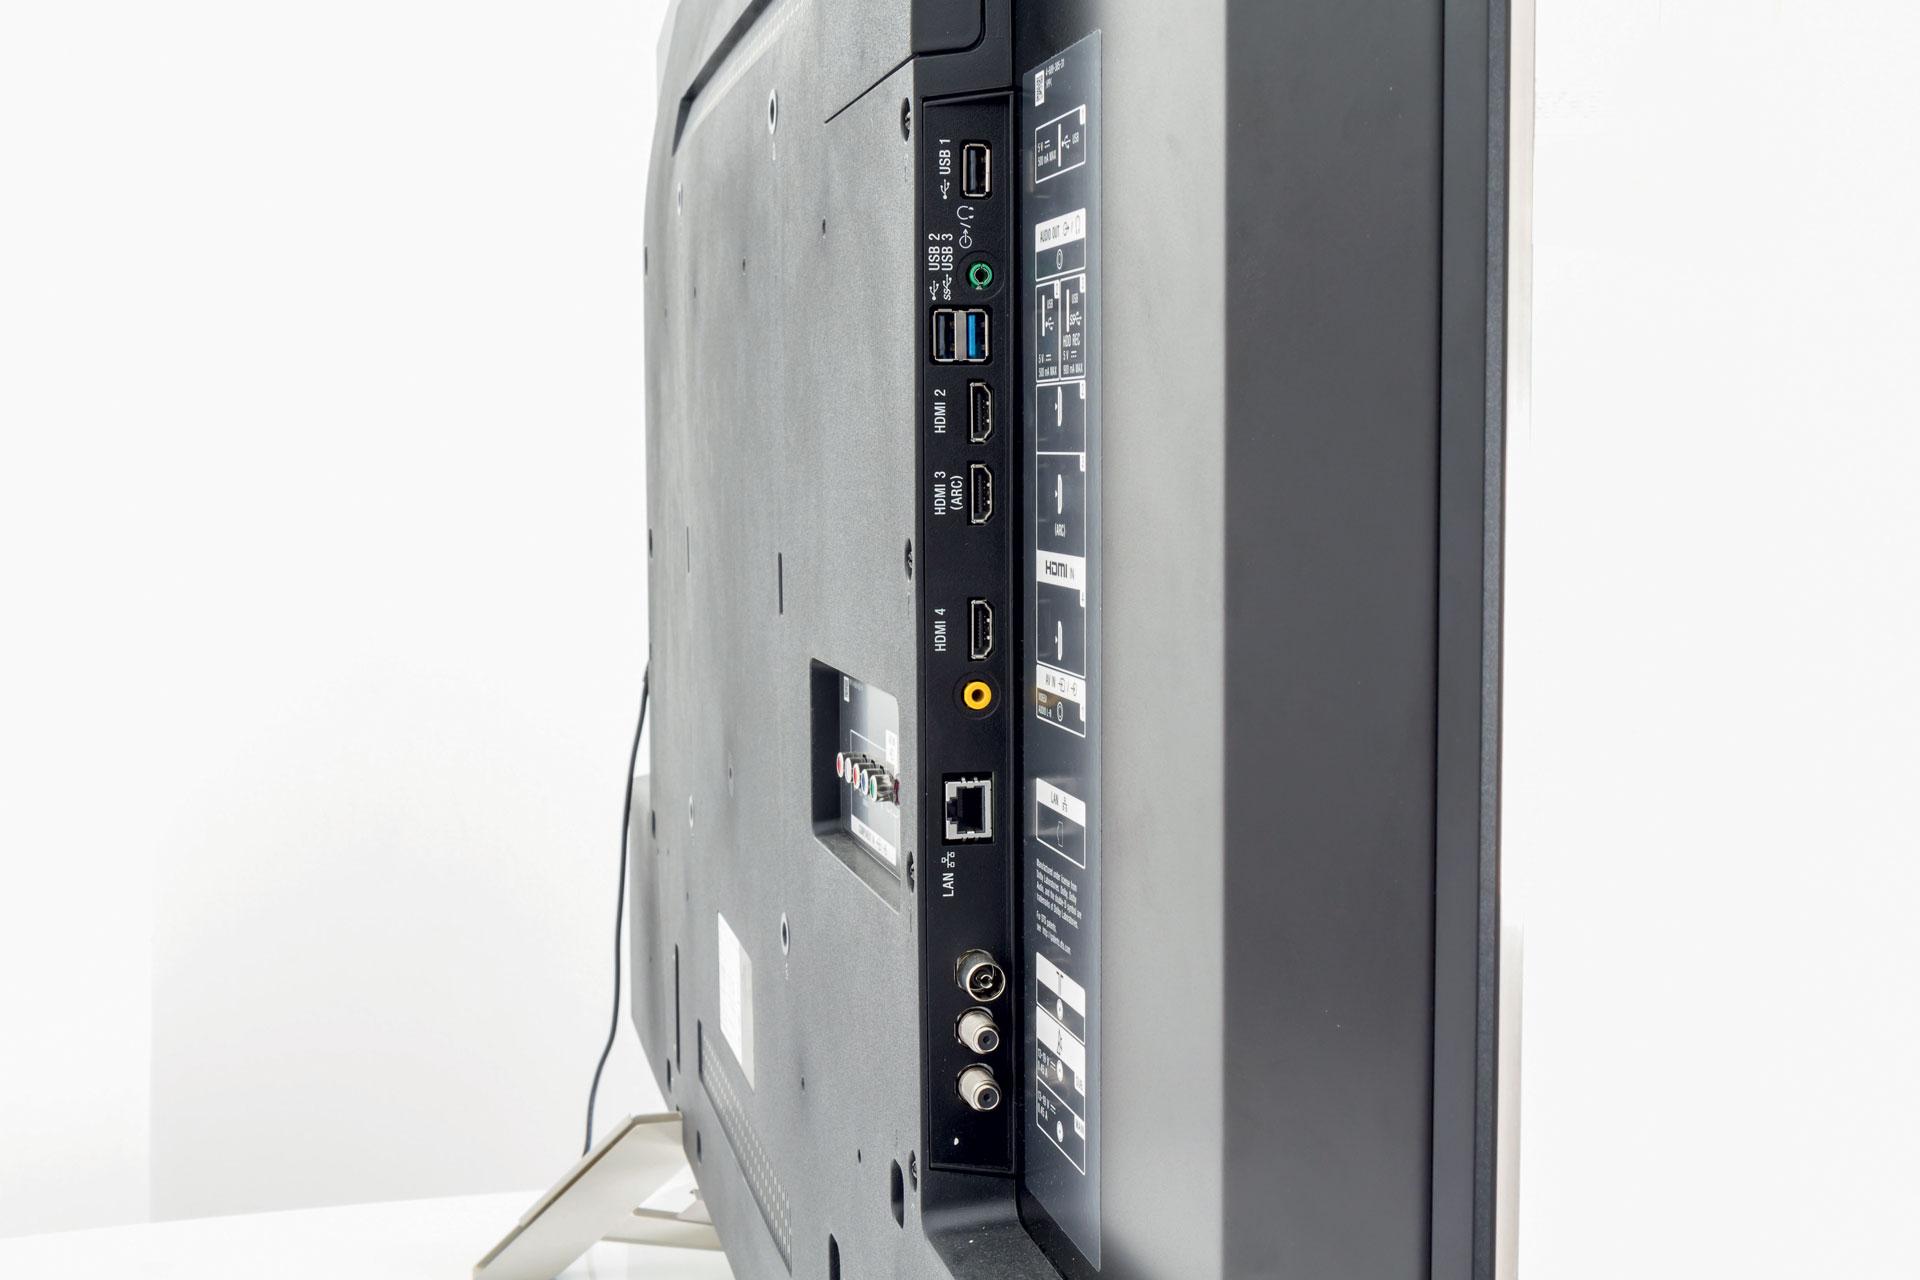 Sony Bravia XE90 7